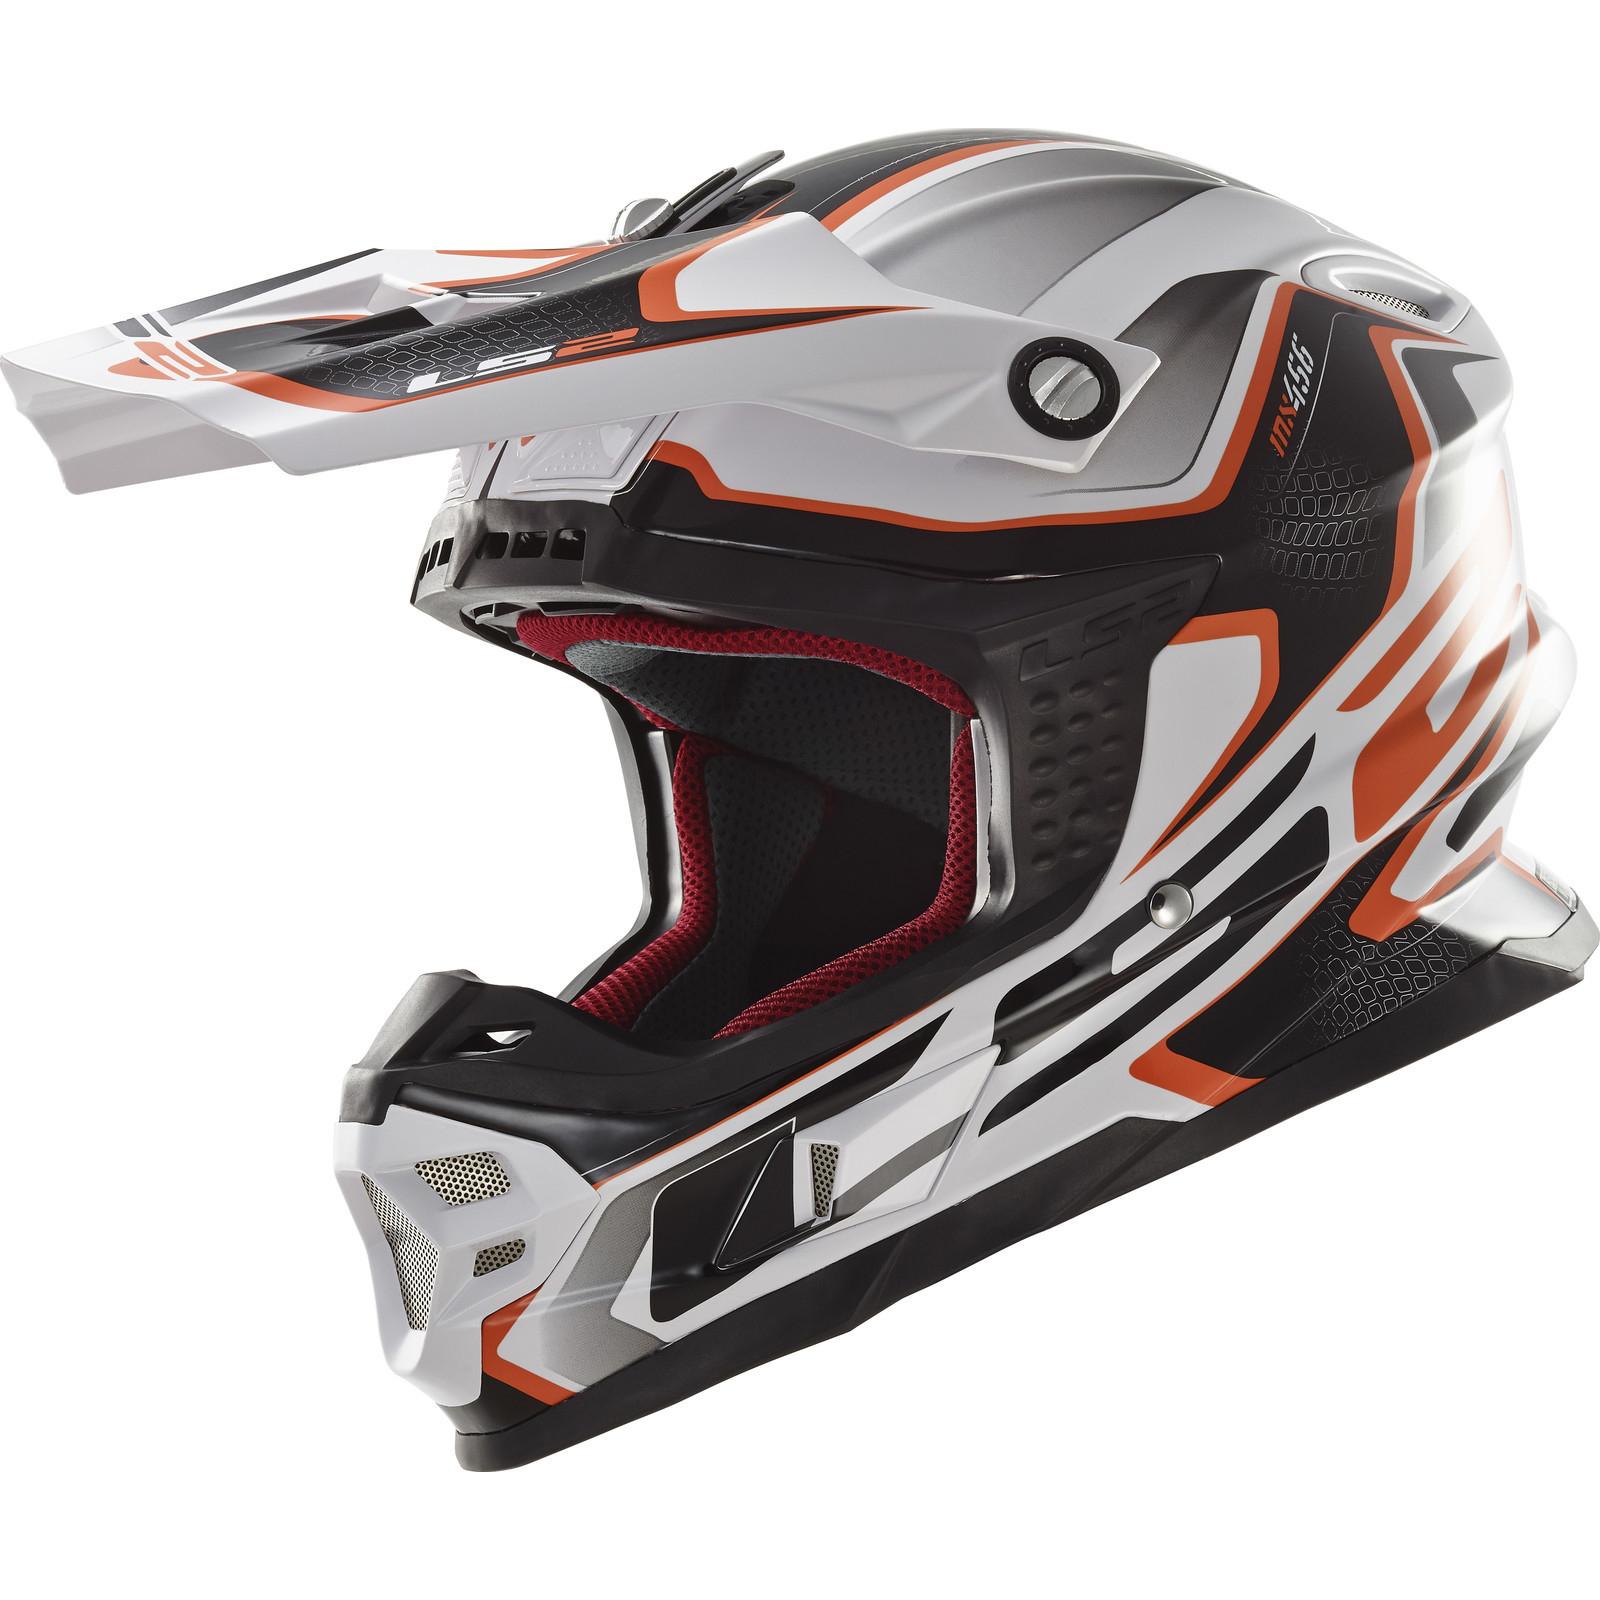 18266e16 Ls2 Mx456 Light Motocross Helmet Single Mono Tuareg